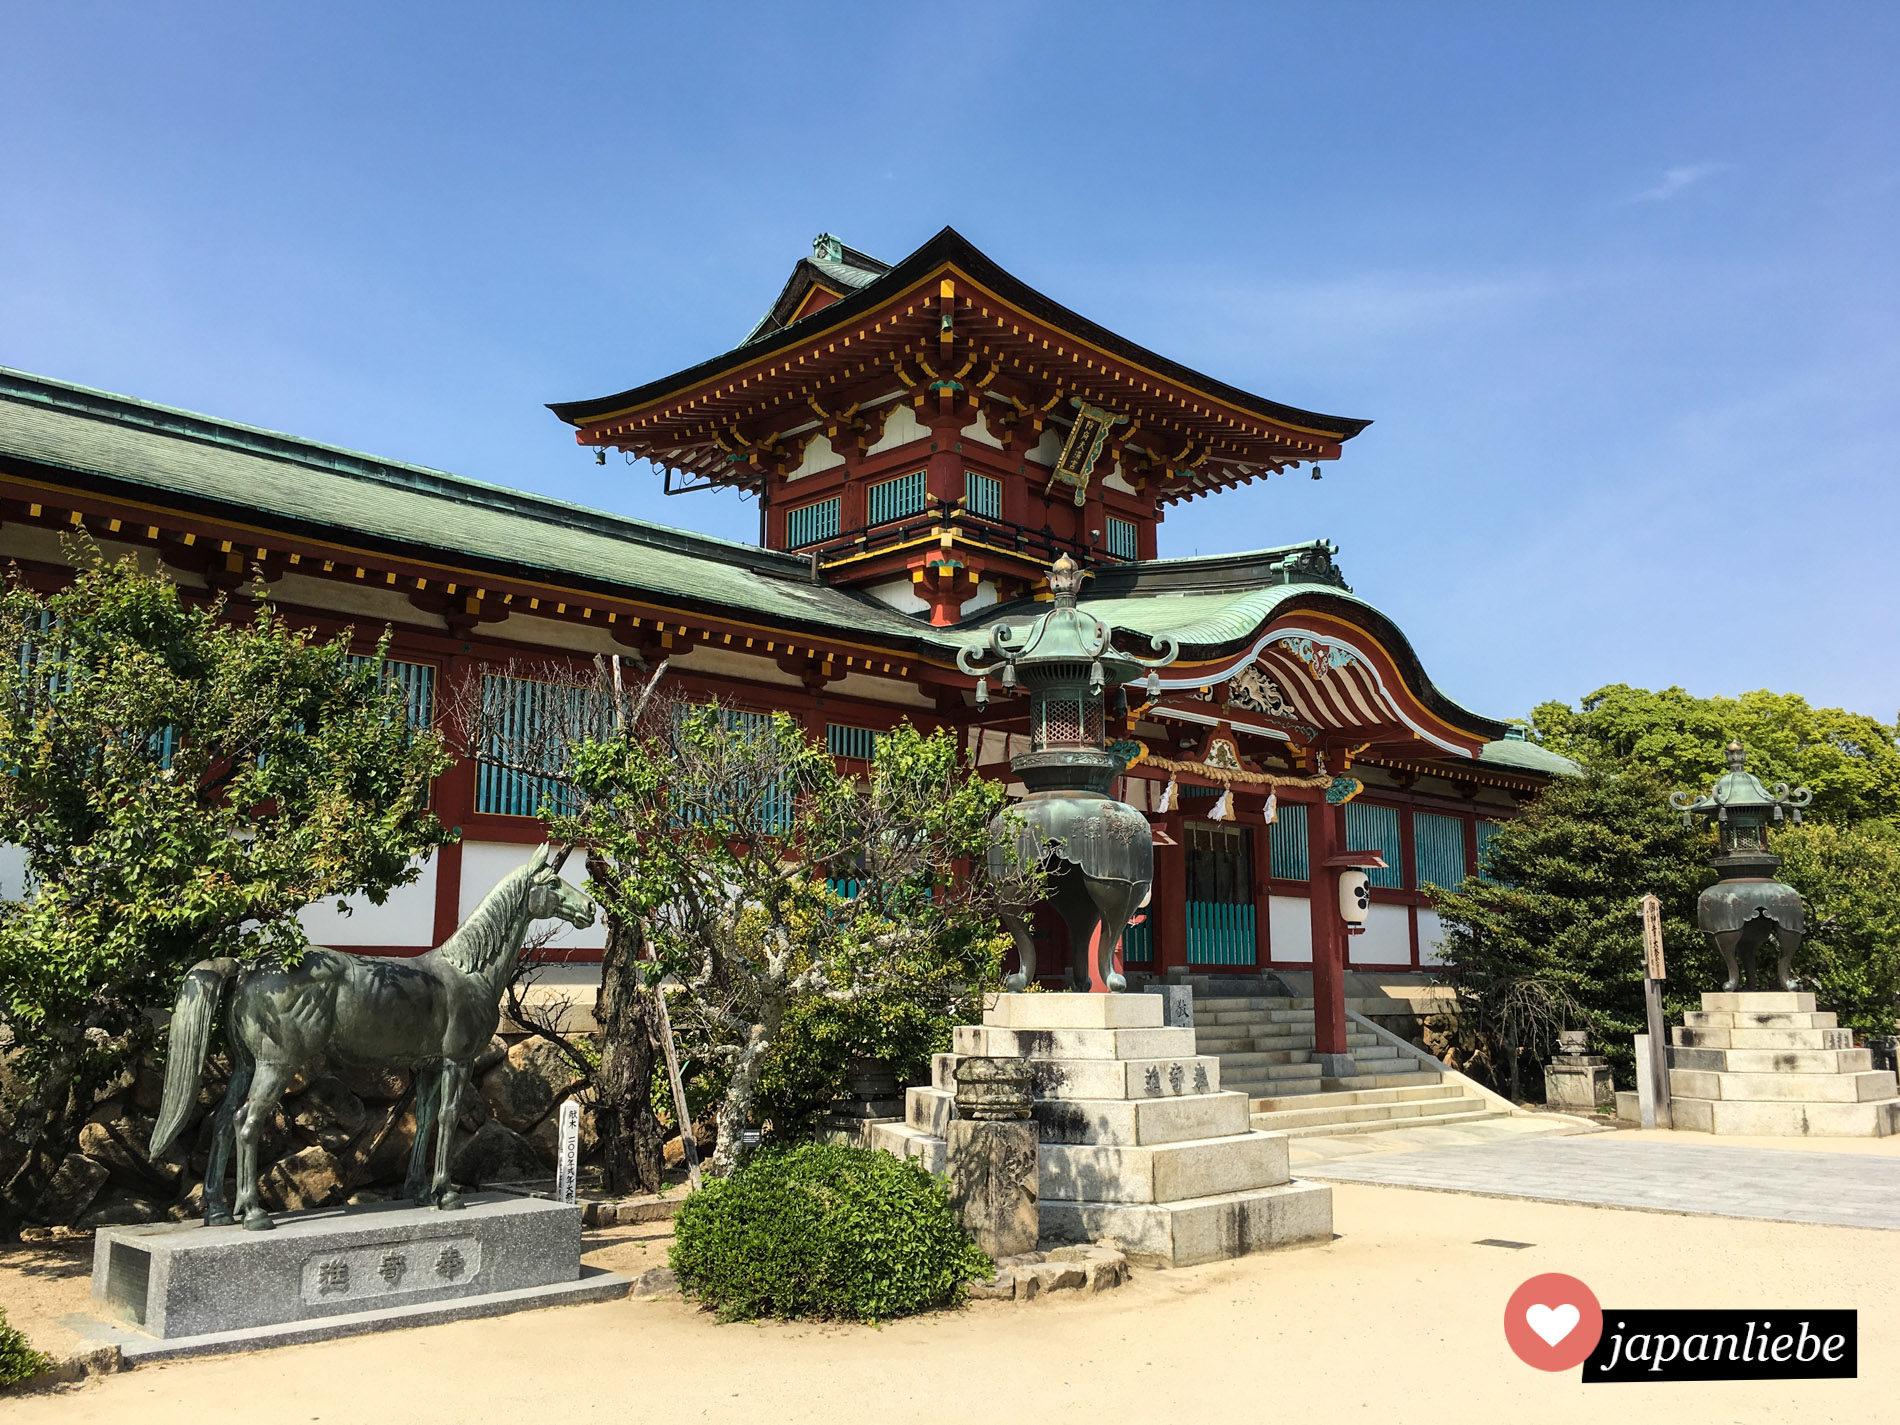 Der älteste Tenman-gu Schrein Japans ist nicht nur historisch bedeutend sondern auch schön anzusehen.